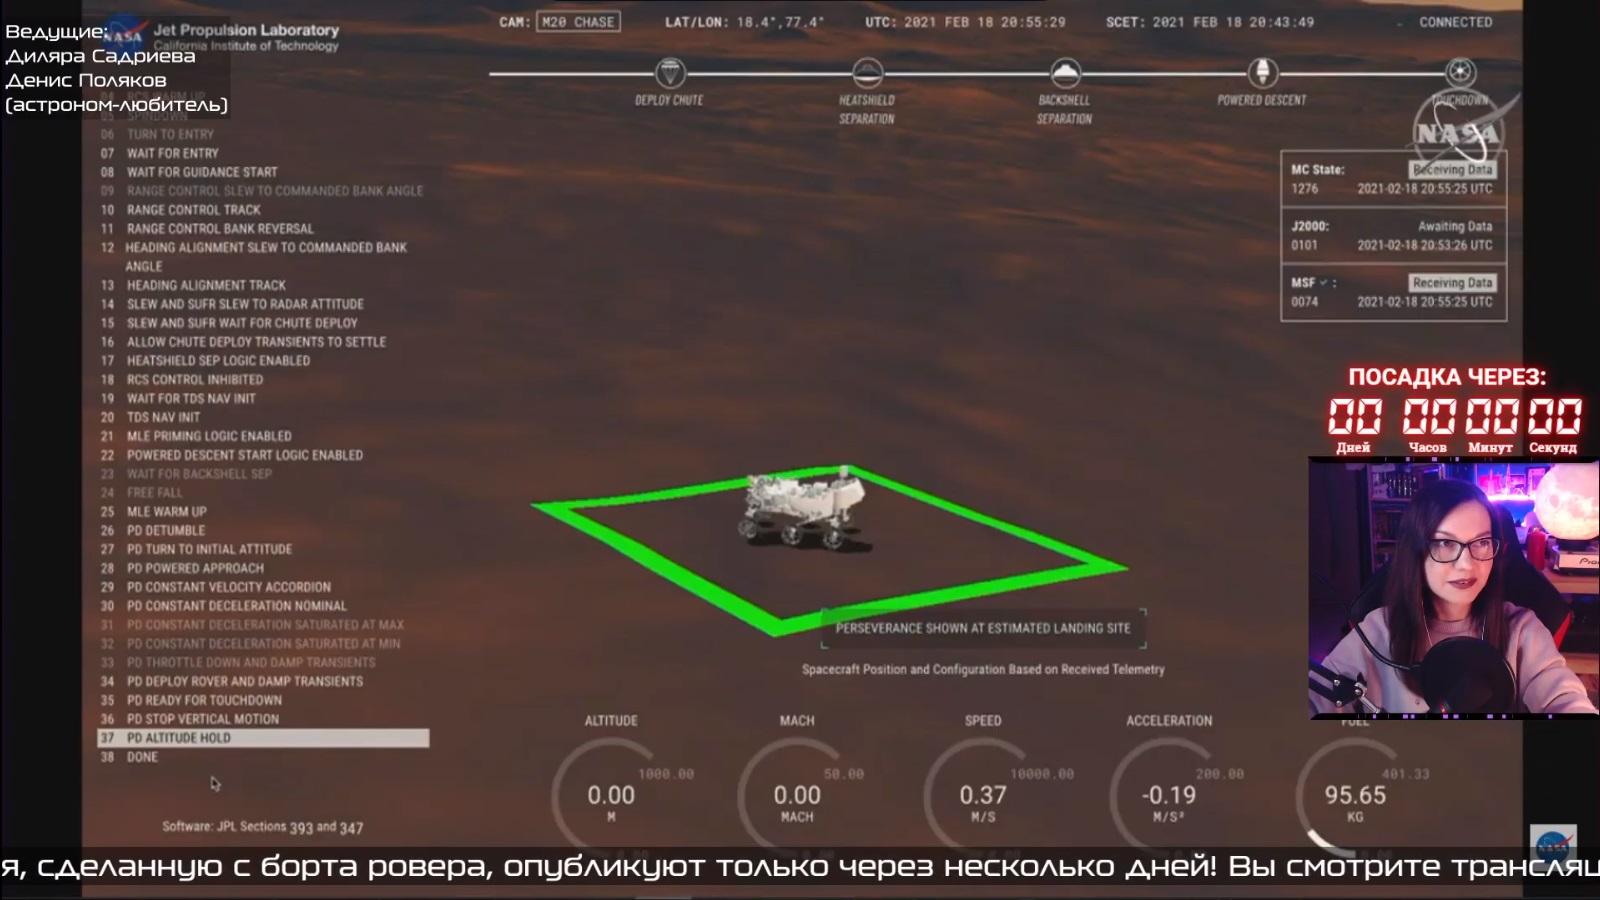 Посадка на Марс. Фото-скрины с прямой трансляции